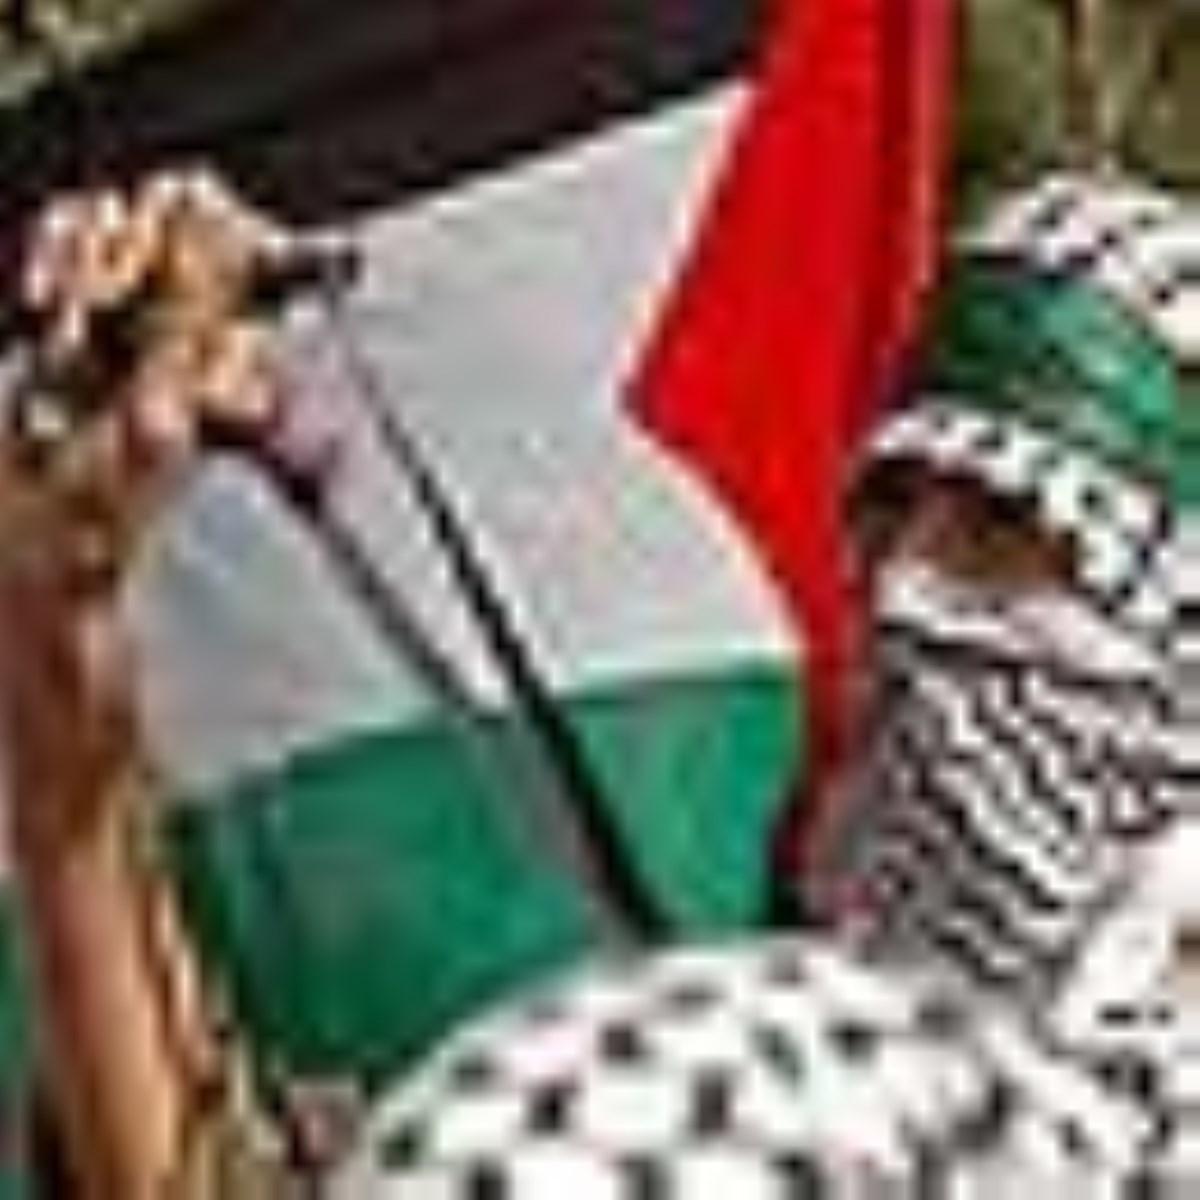 نگاهی به 40 سال اشغالگری در سرزمینهای فلسطینی